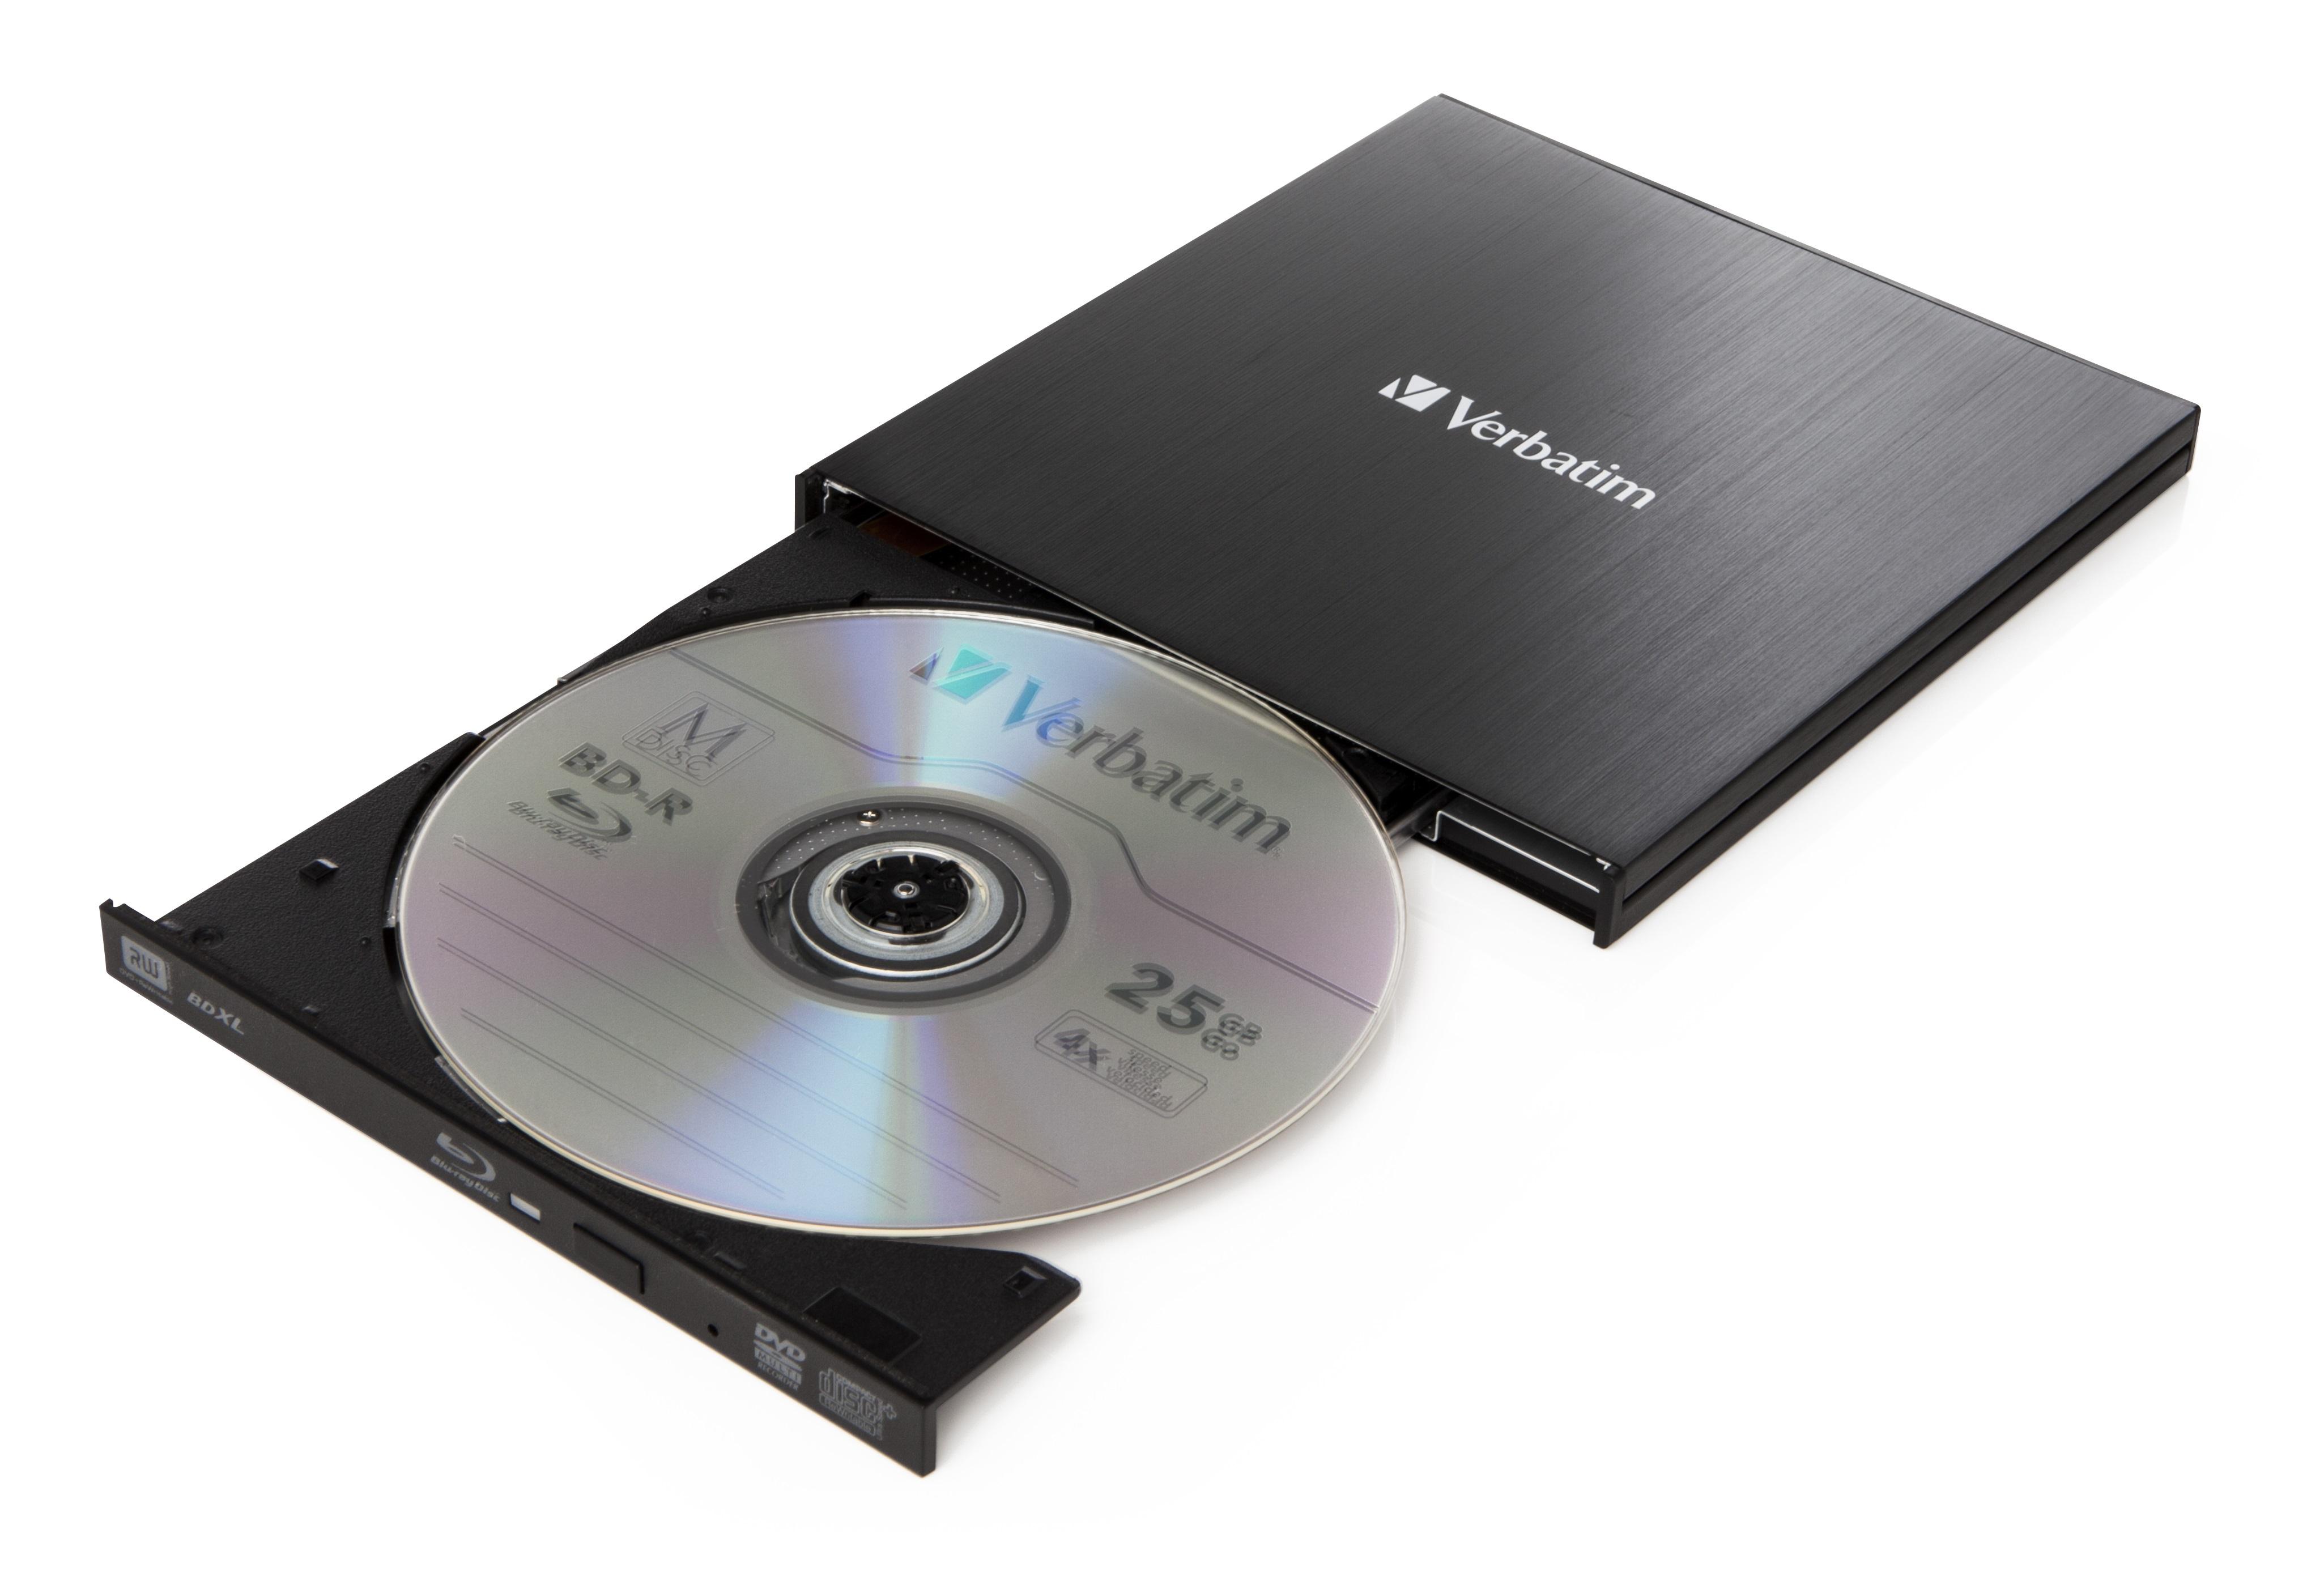 Slimline BDXL Writer (6 speed, USB 3.0, extern)